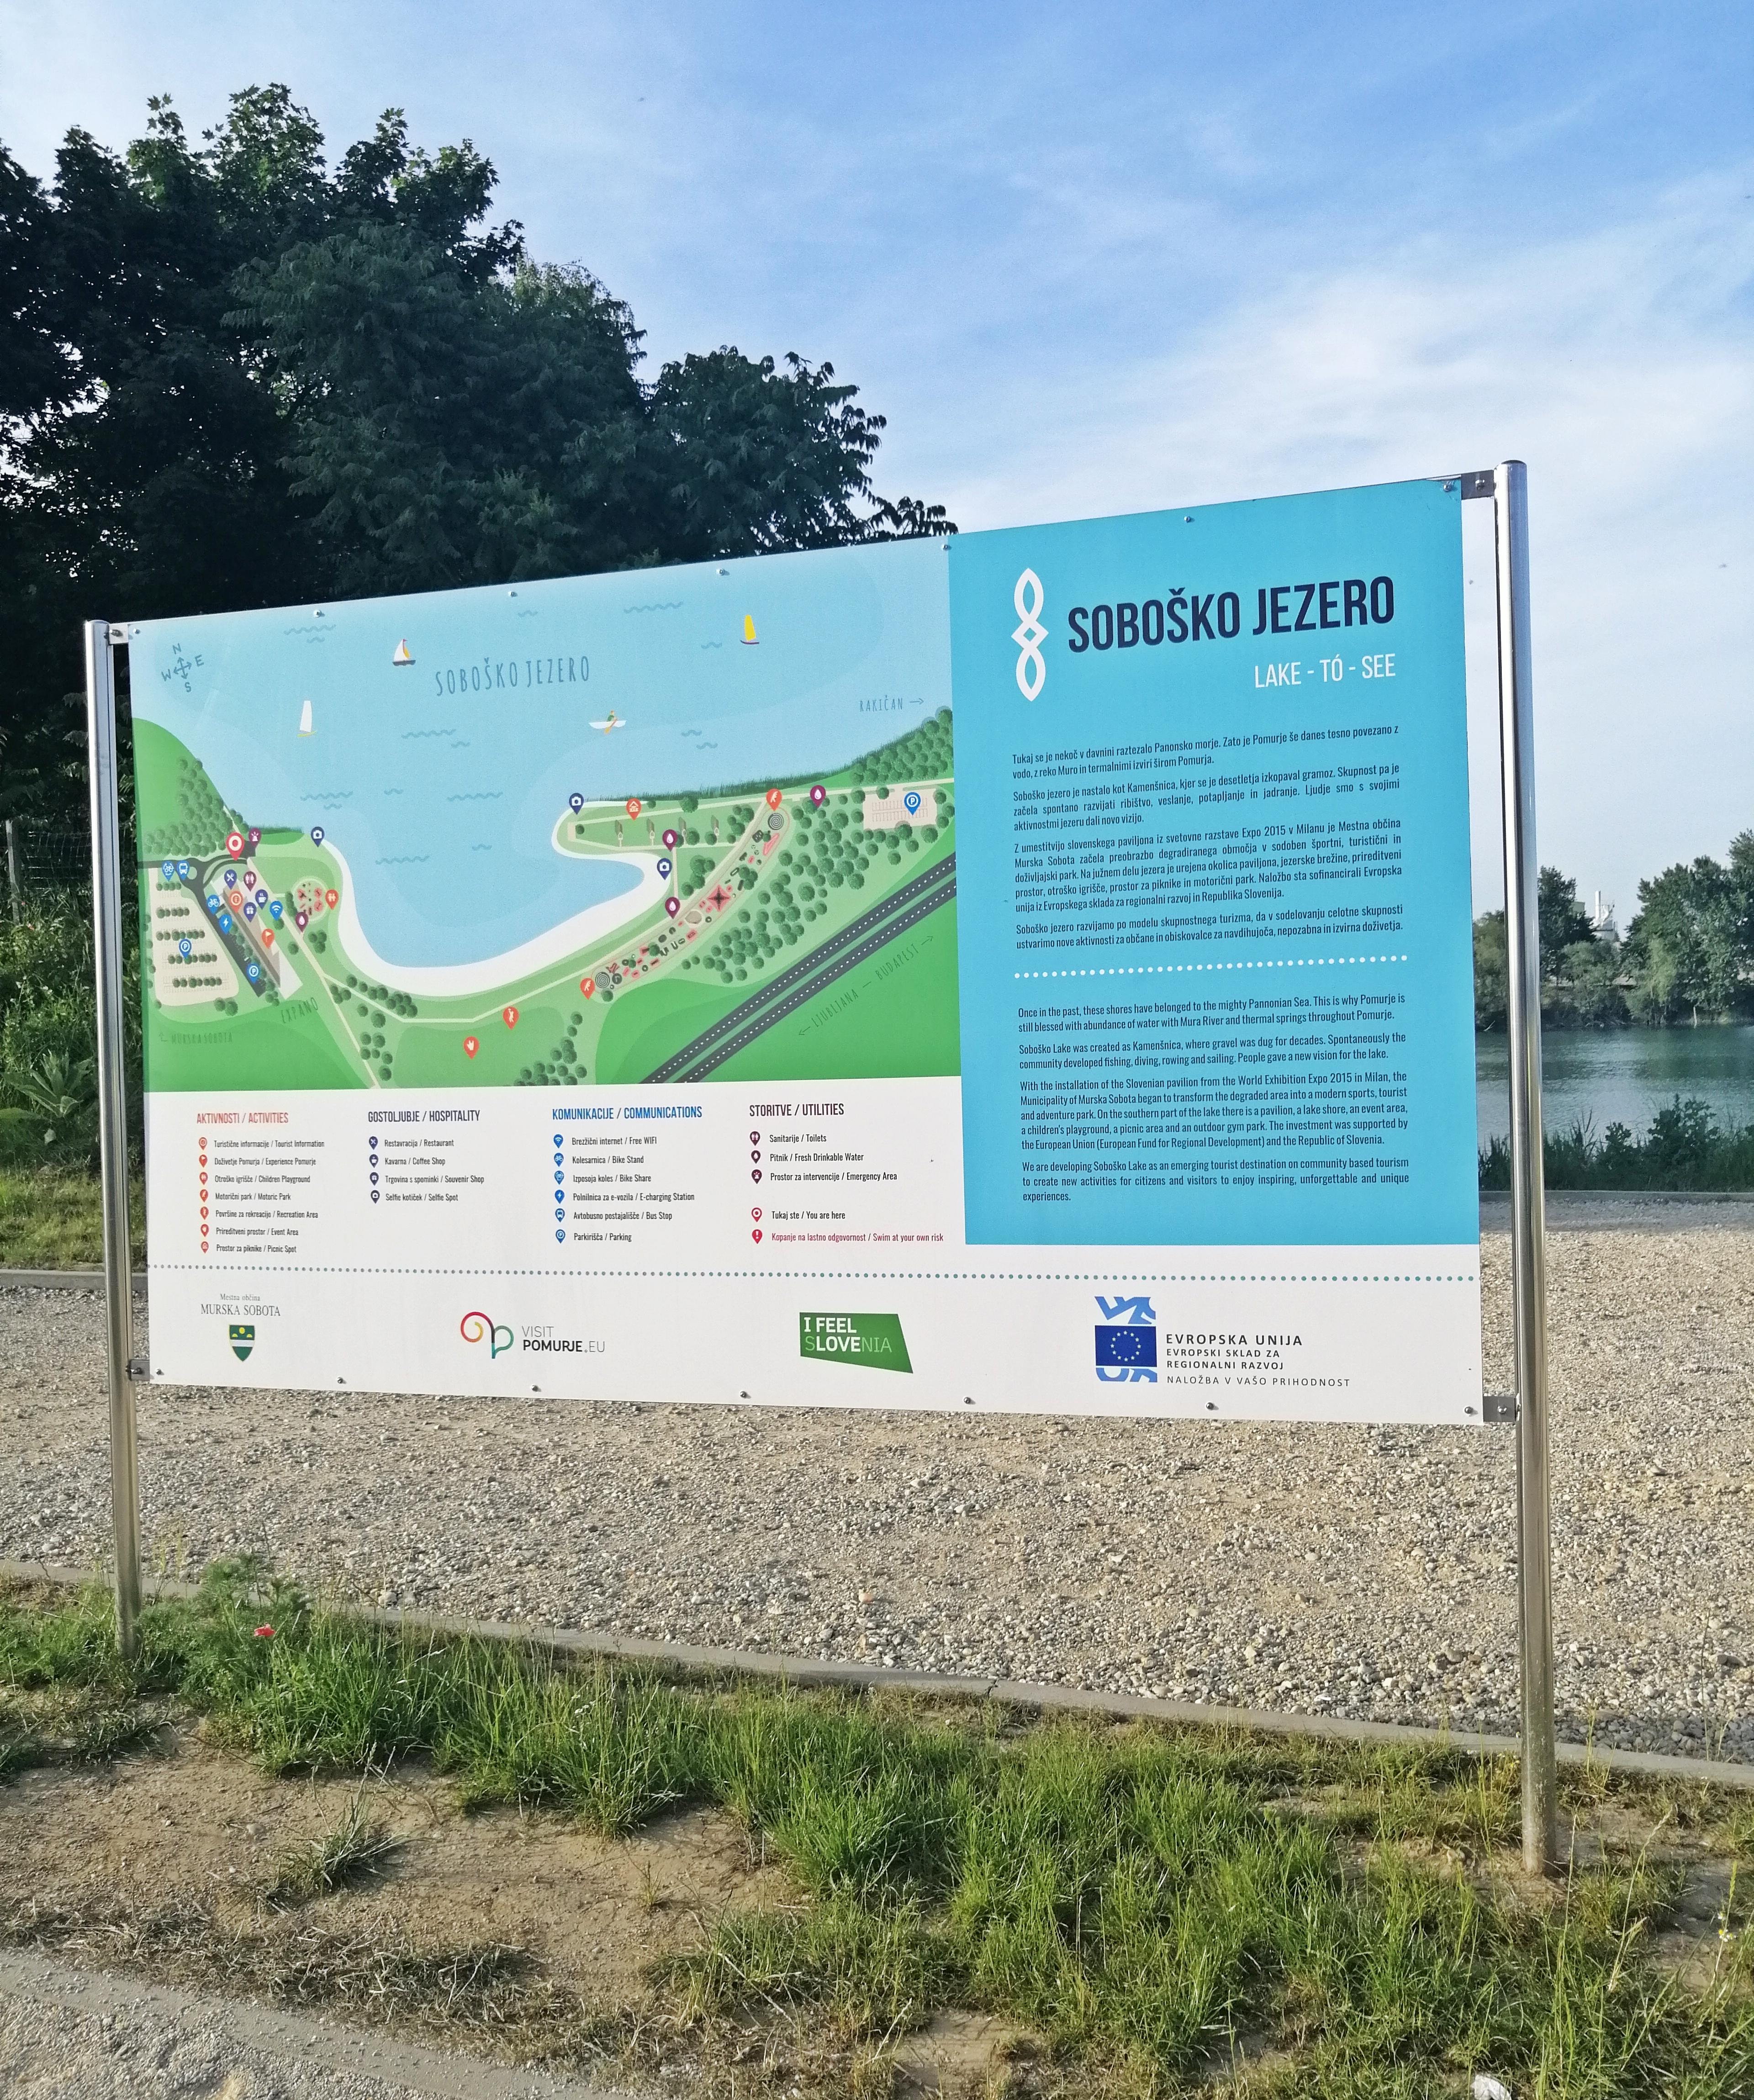 expano-vrata-v-pomurje-soboško-jezero